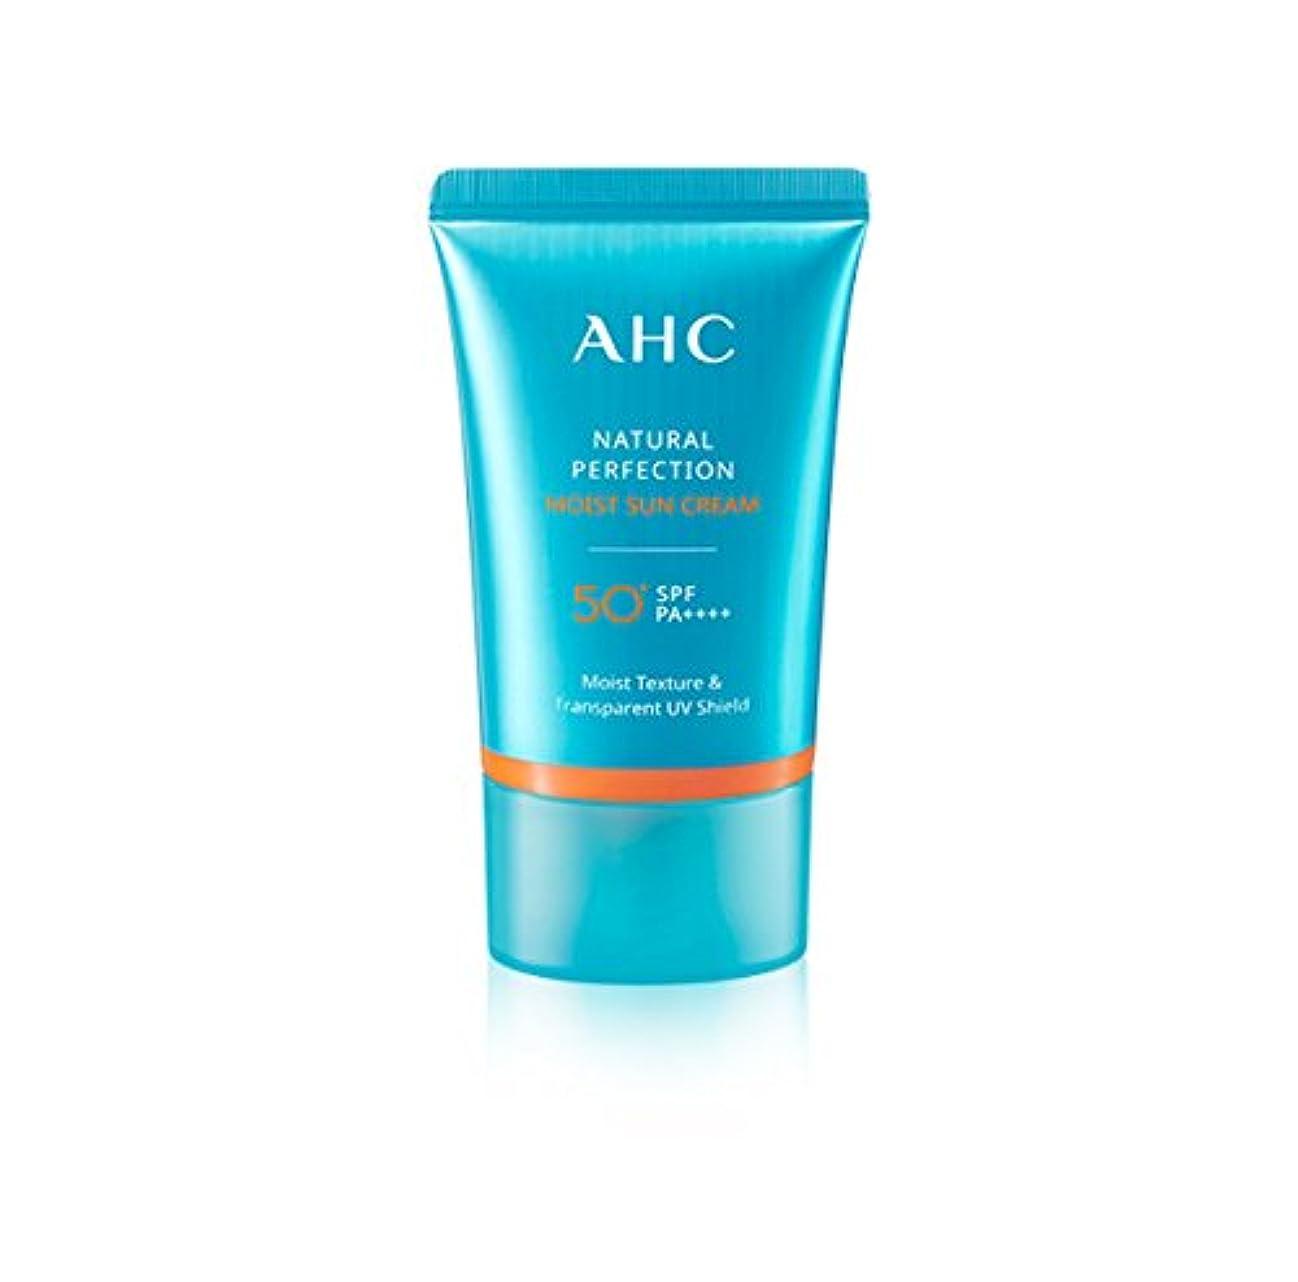 仕える九時四十五分名義でAHC Natural Perfection Moist Sun Cream 50ml/AHC ナチュラル パーフェクション モイスト サン クリーム 50ml [並行輸入品]